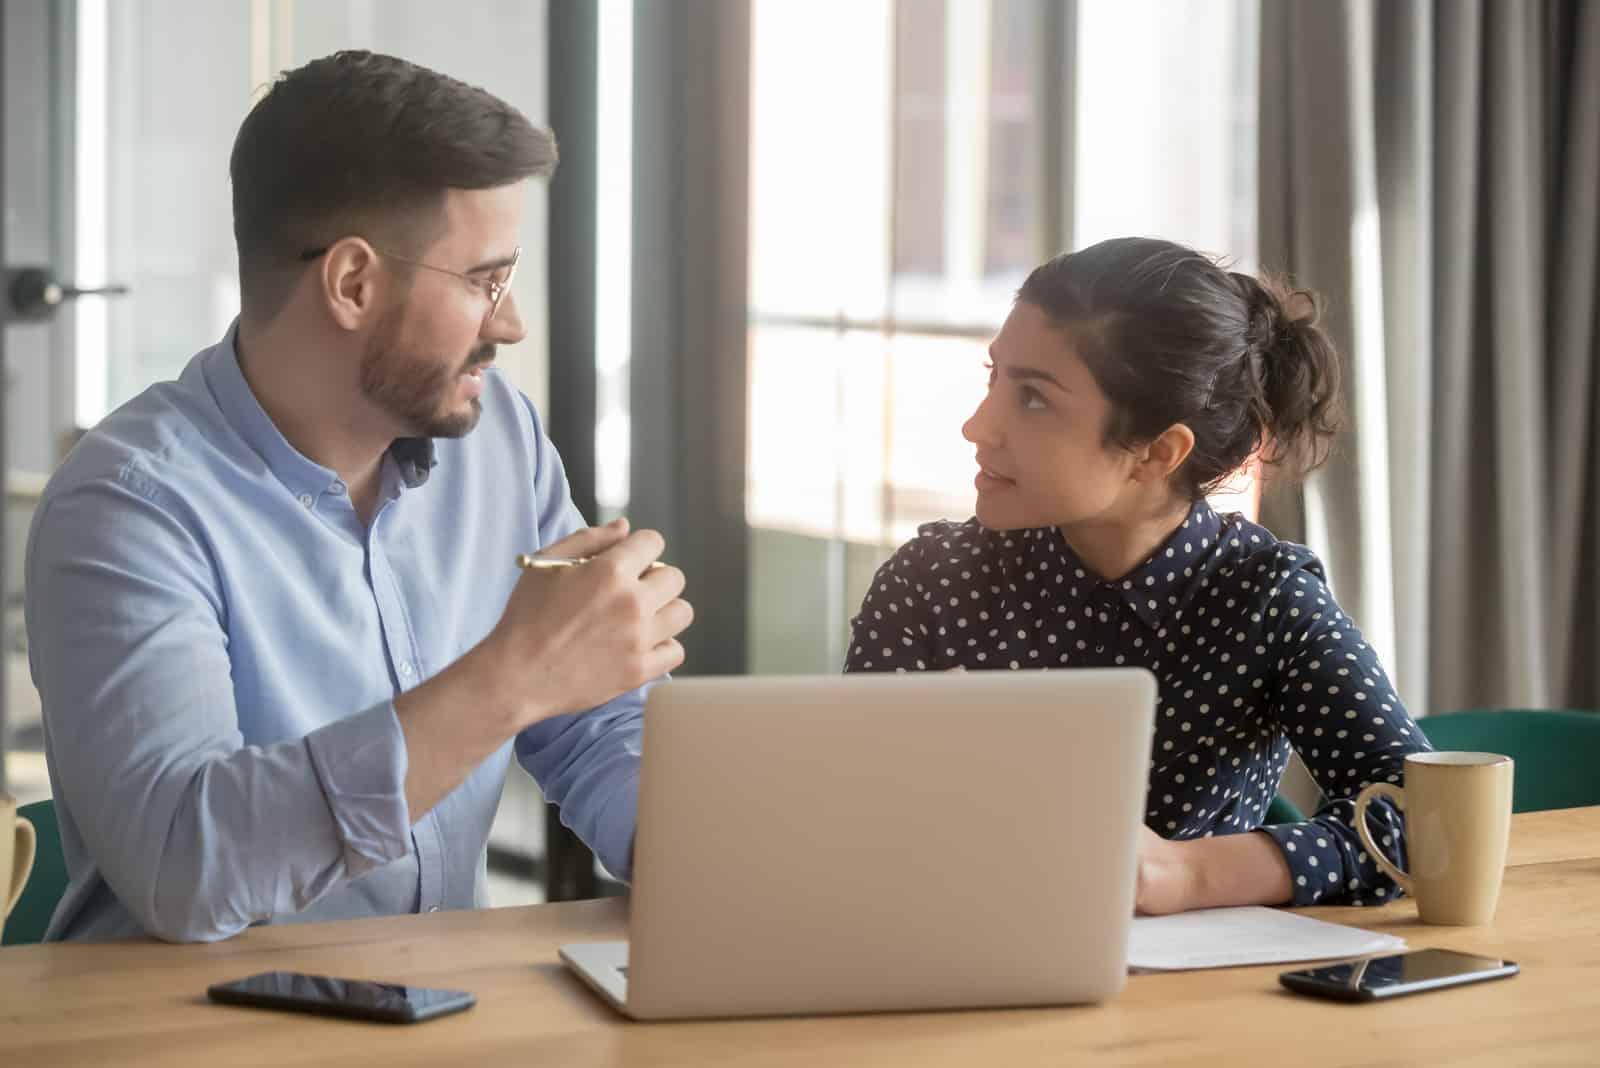 un homme et une femme parlant sur un ordinateur portable